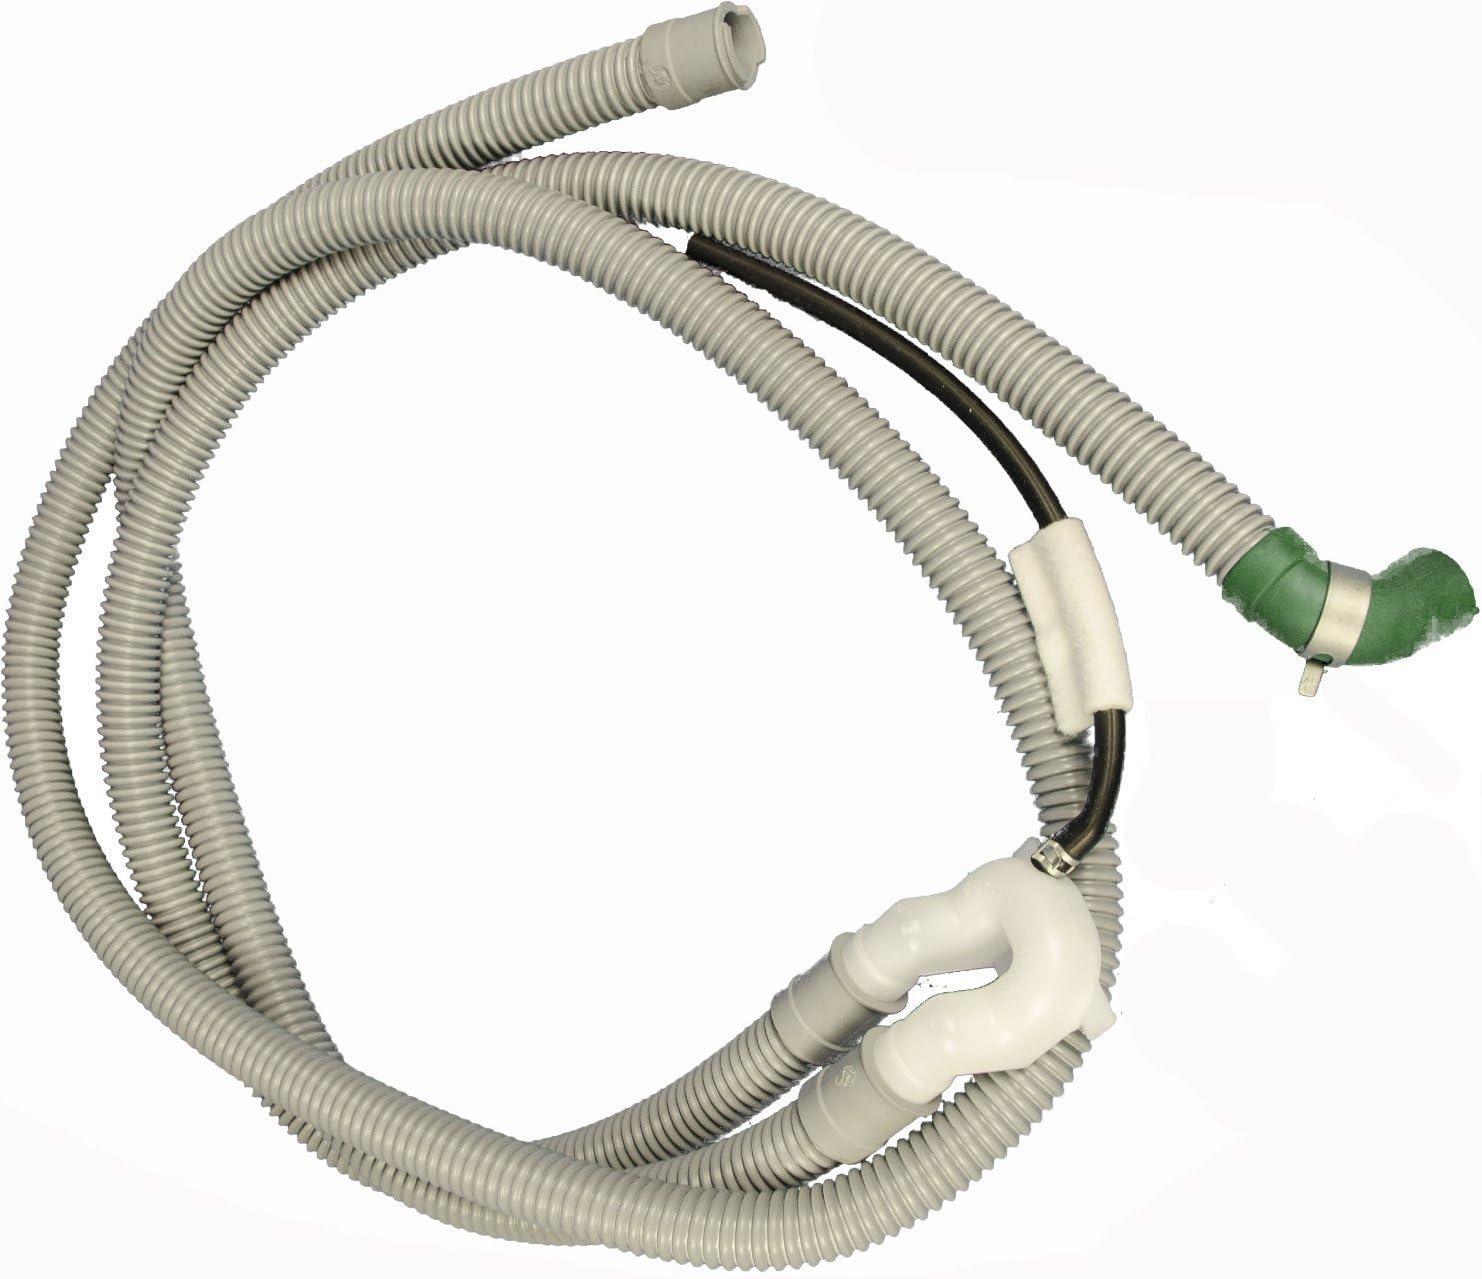 LG AEM73773301 Hose Assembly Drain